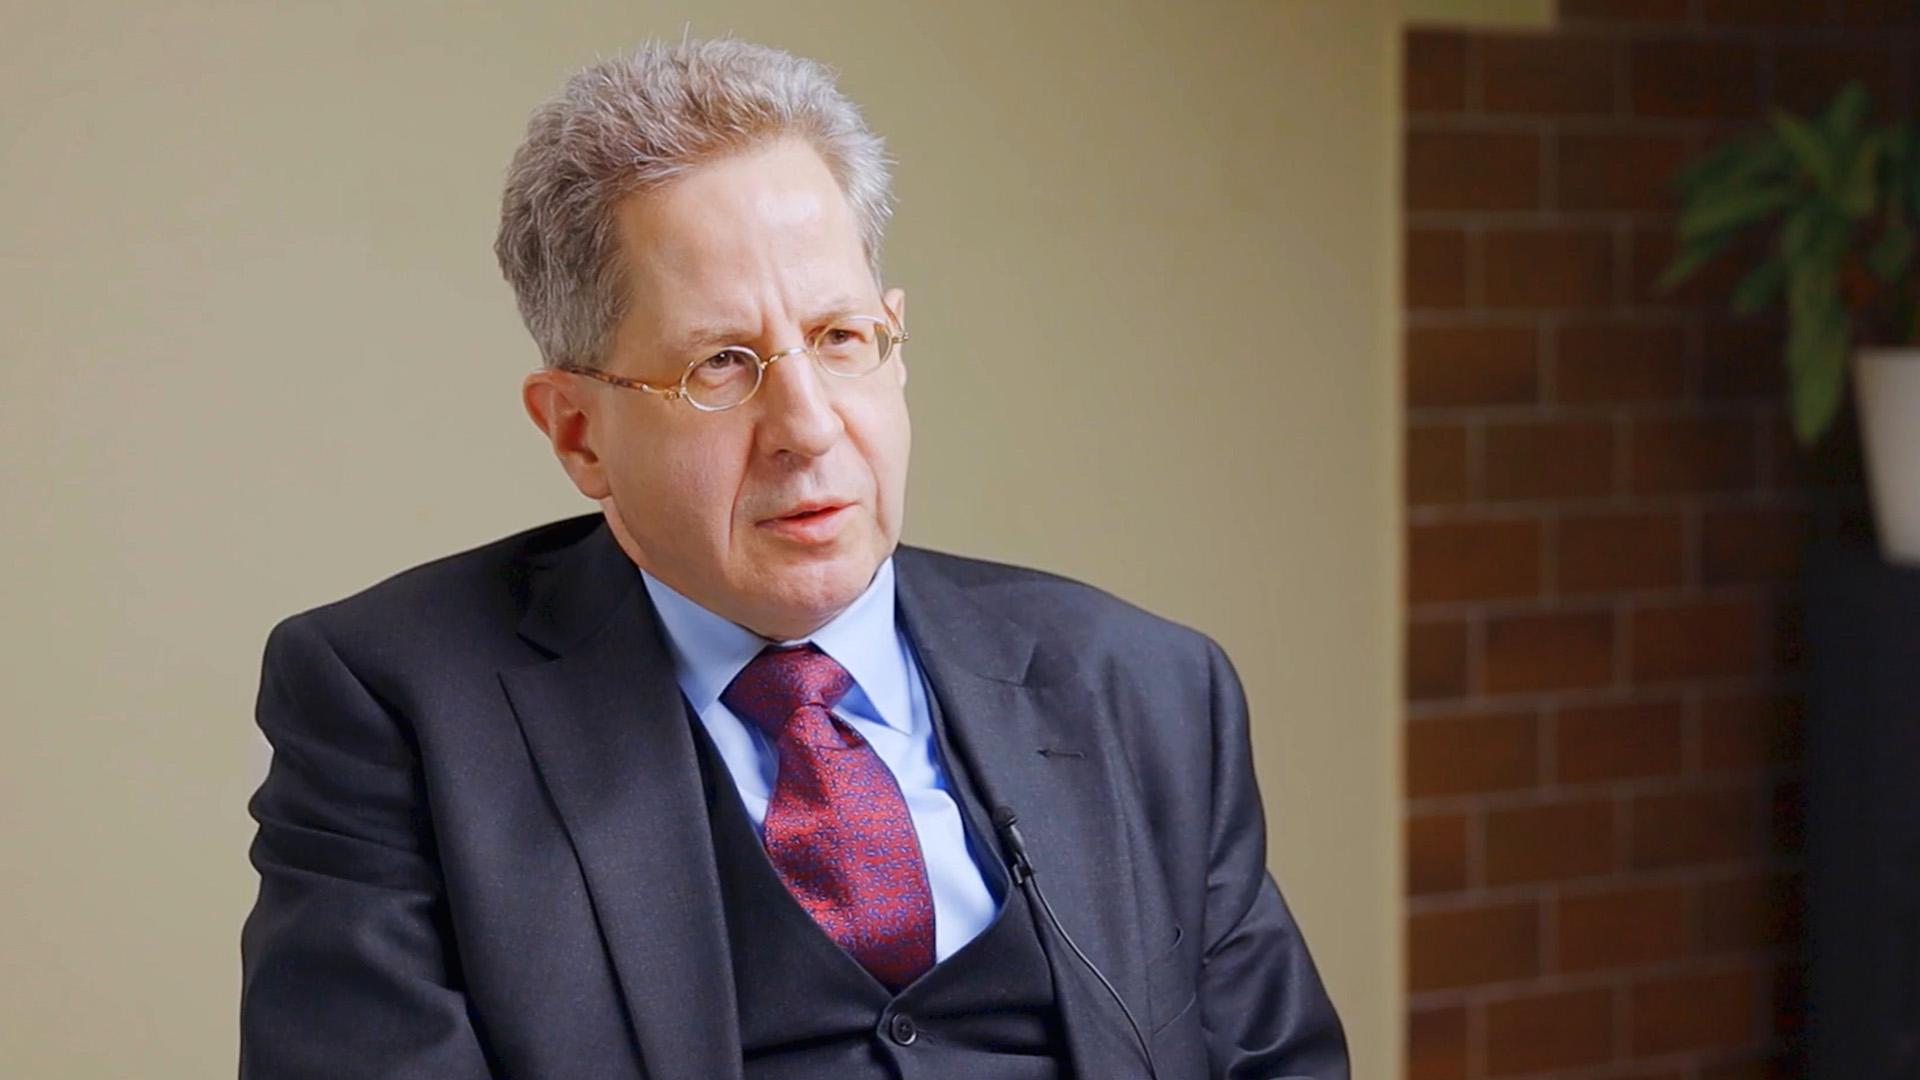 """Exklusiv-Interview mit H.-G. Maaßen: """"Sehr reizvoll für Medien und Politiker, mit Ängsten zu arbeiten"""""""